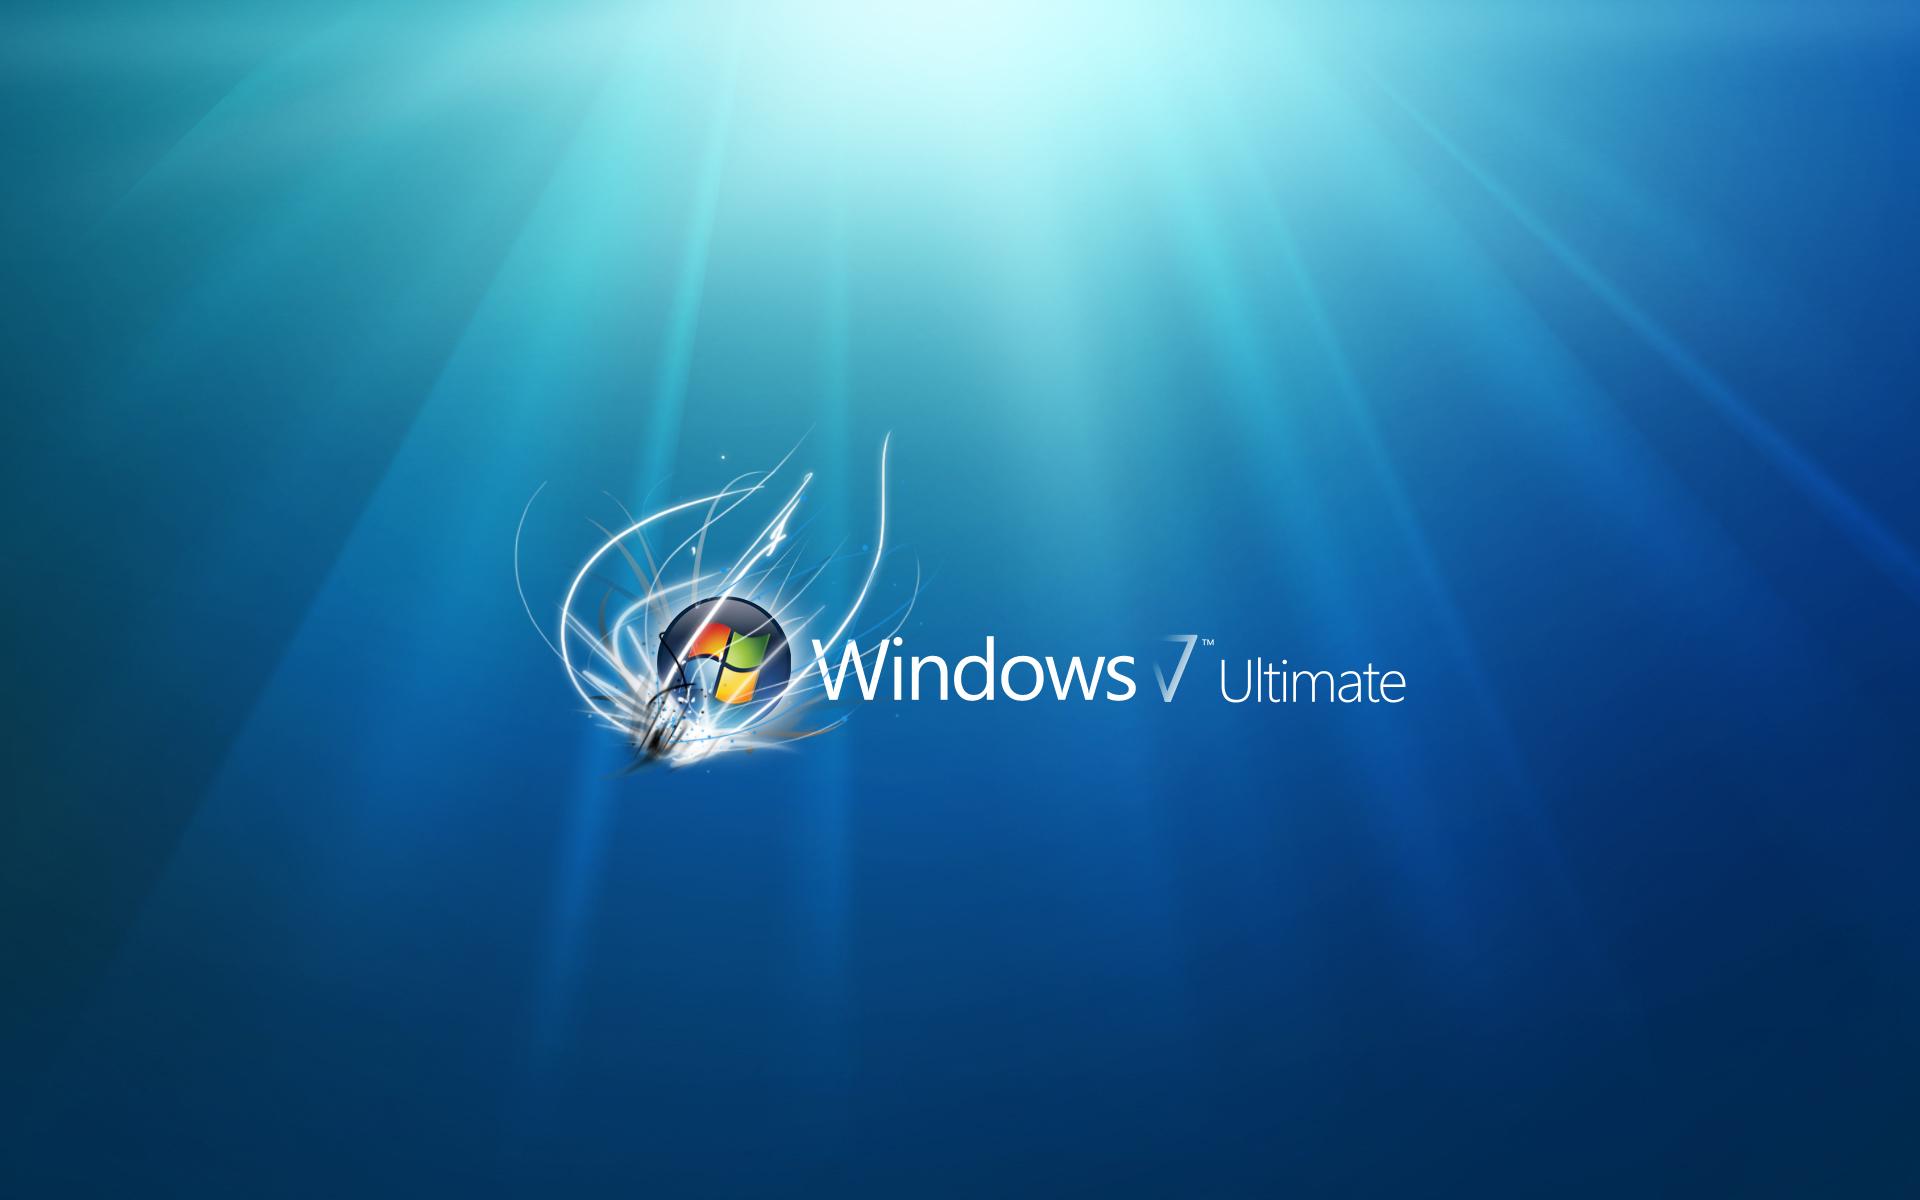 dell wallpaper windows 7 free